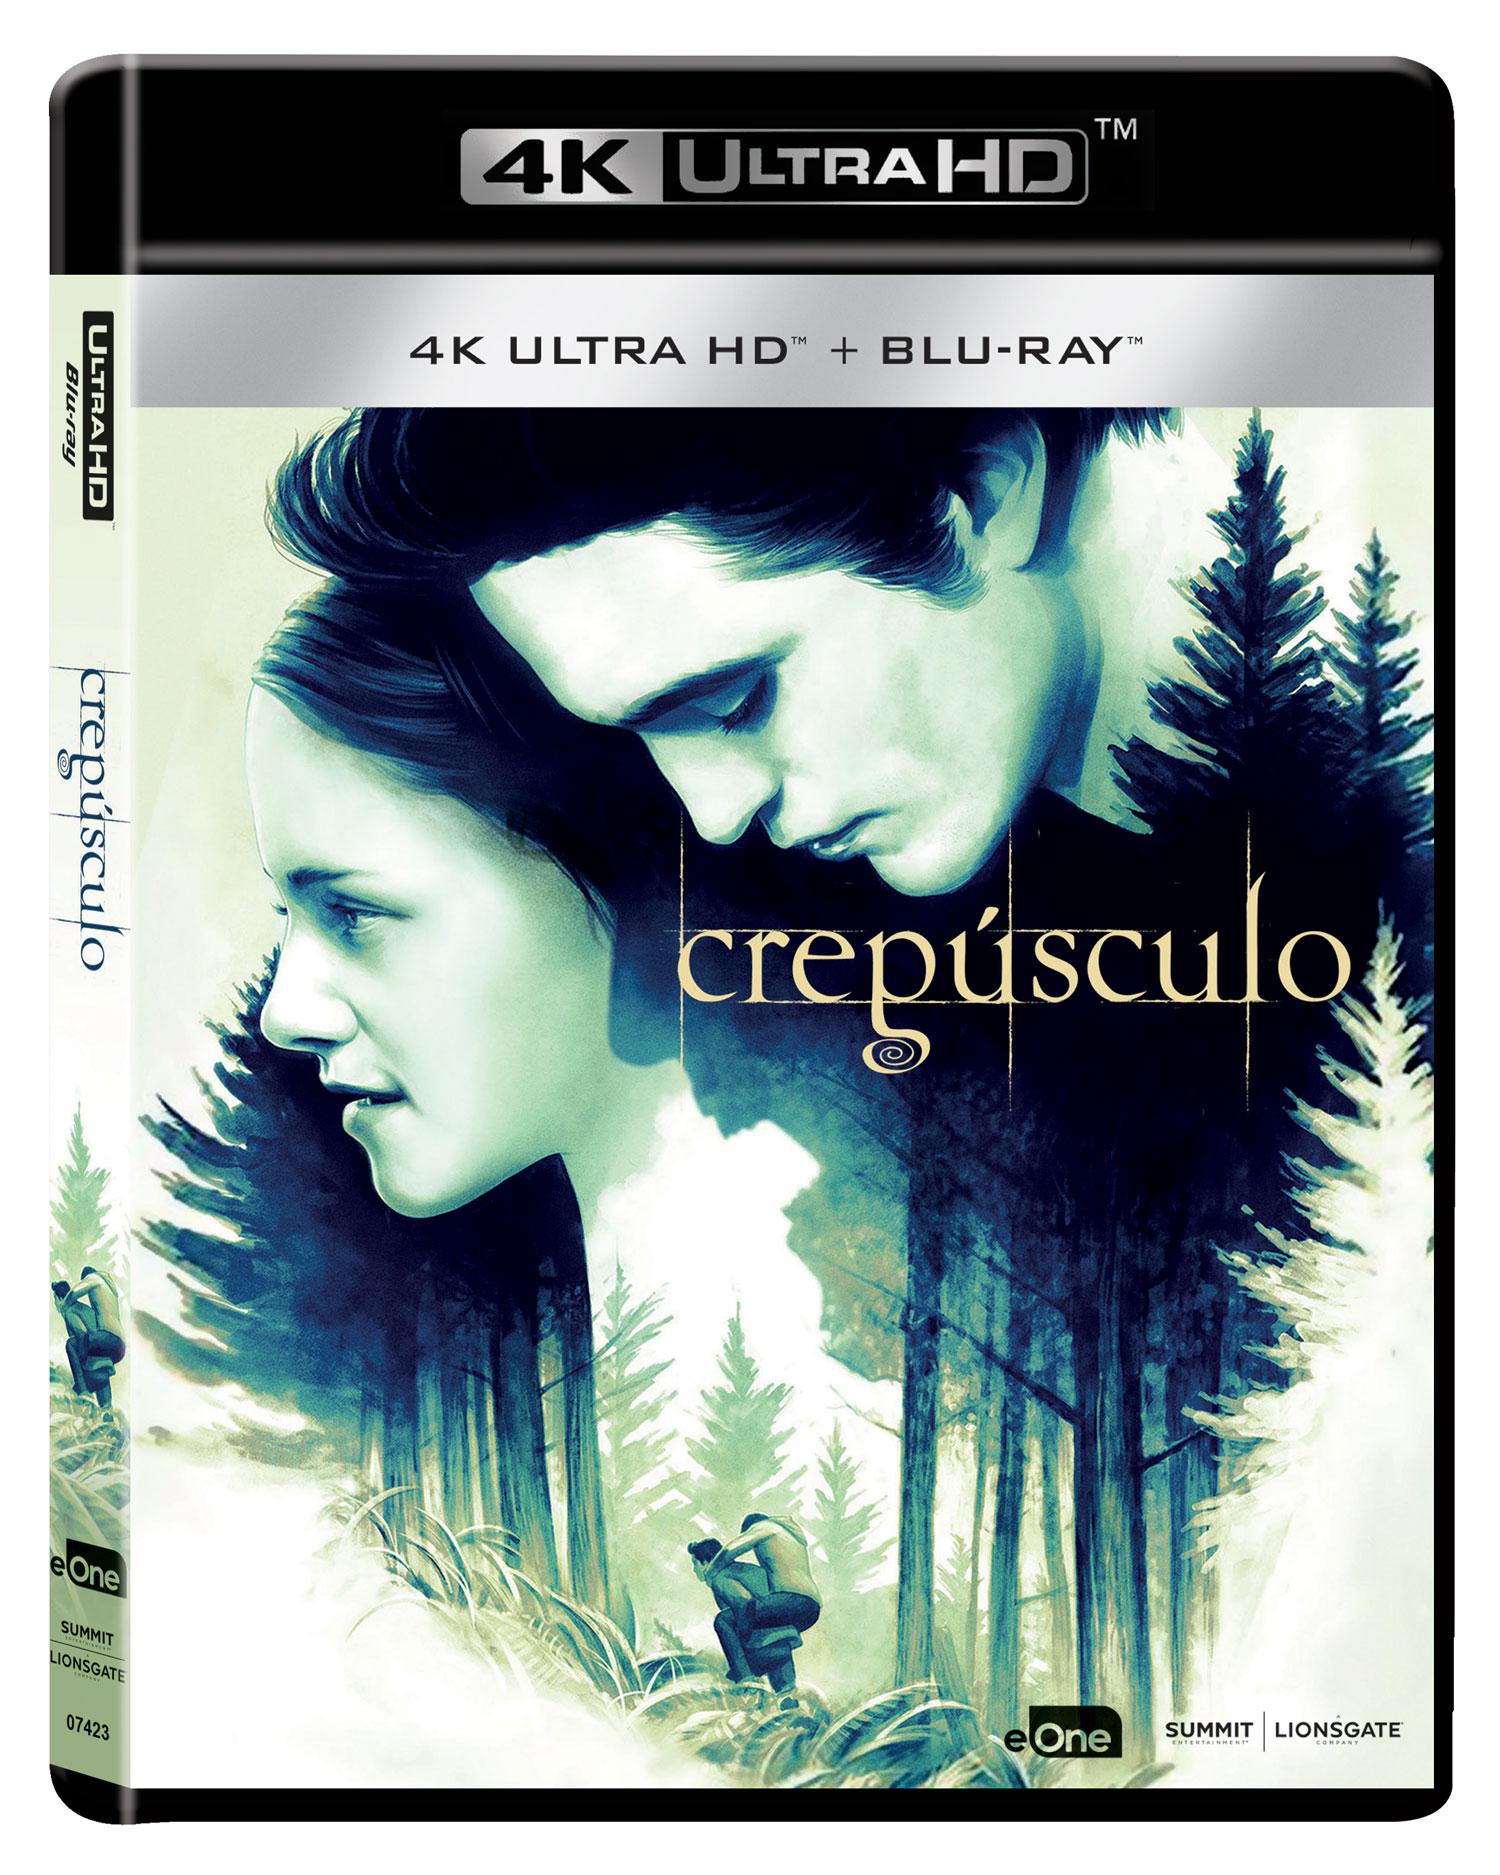 'Crepúsculo' - Carátula edición 4K Ultra HD | eOne España